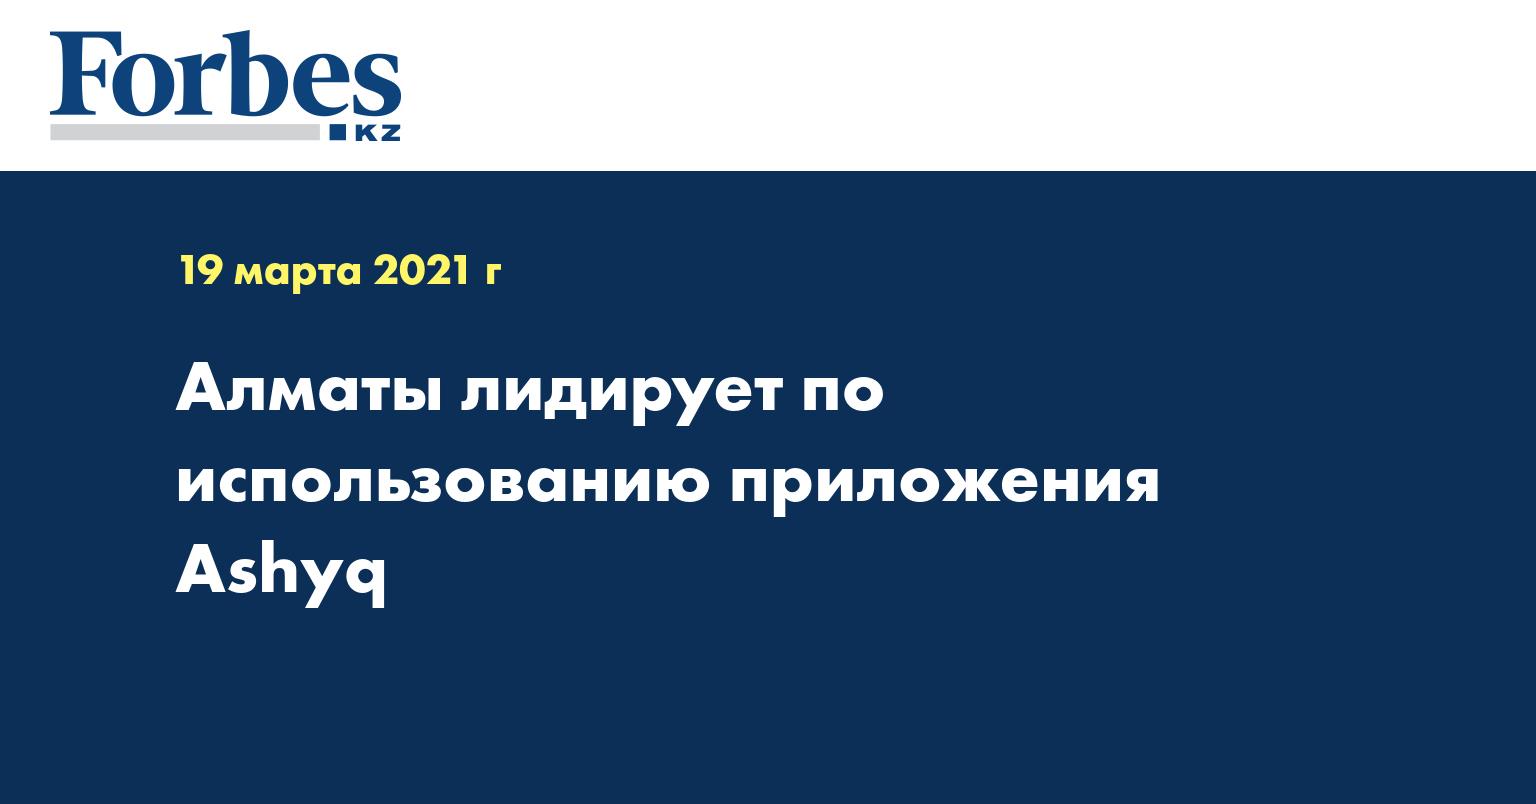 Алматы лидирует по использованию приложения Ashyq